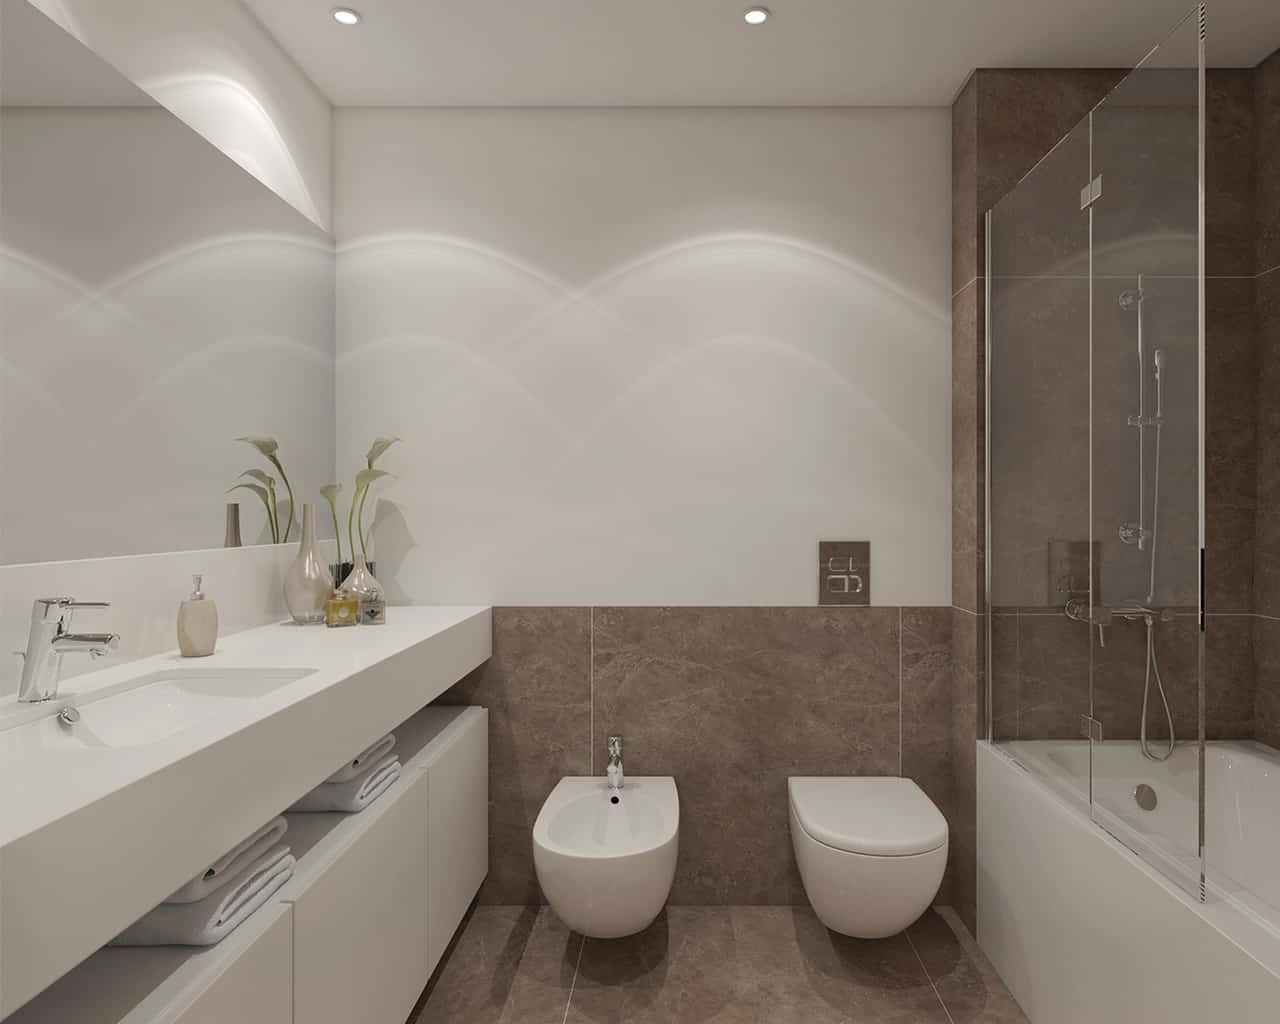 areeiro-prime-casa-de-banho-opção urban trend-banheira